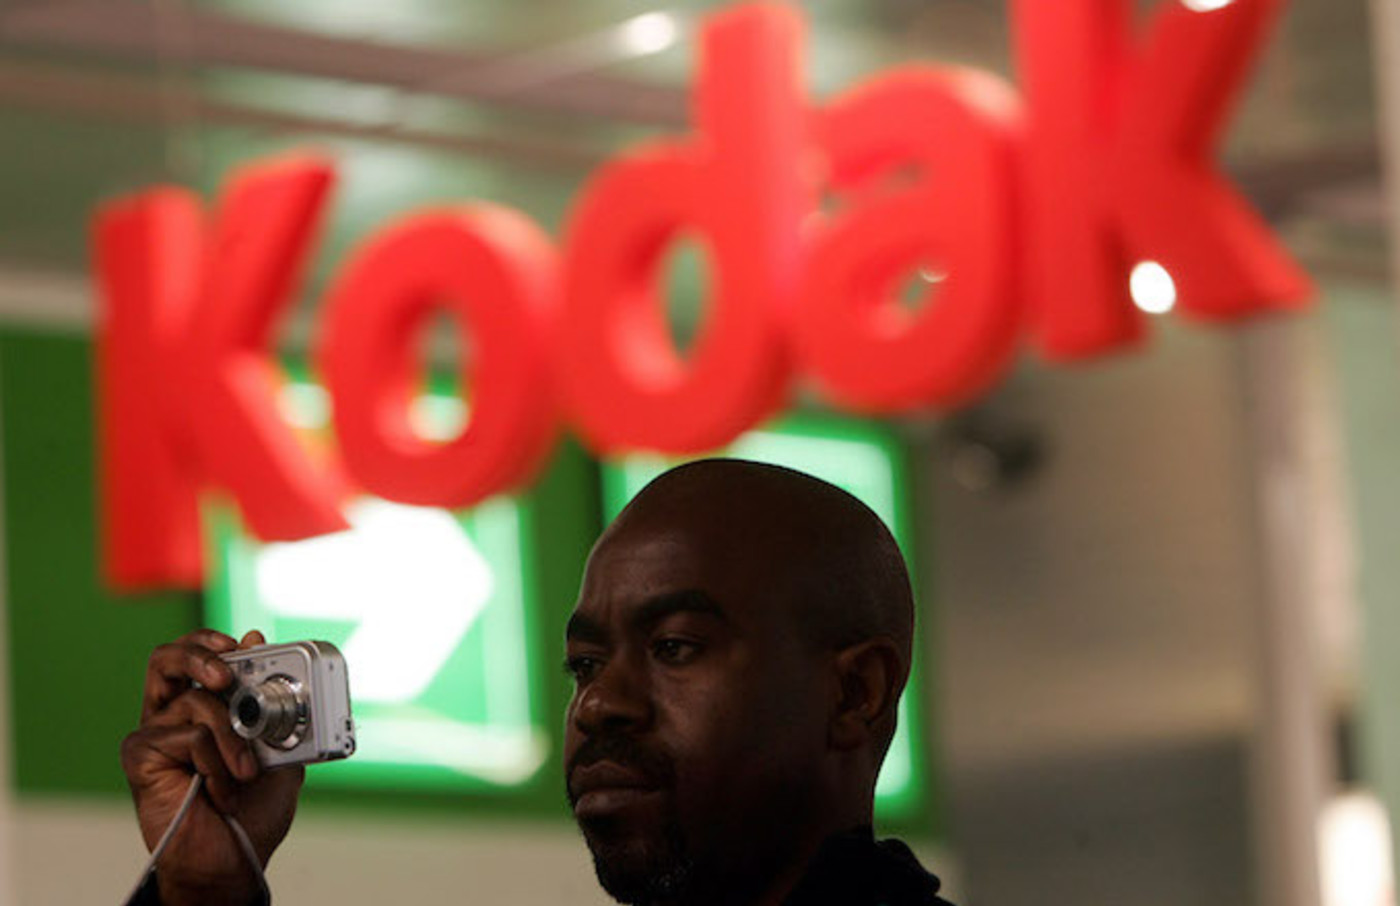 Kodak camera brand